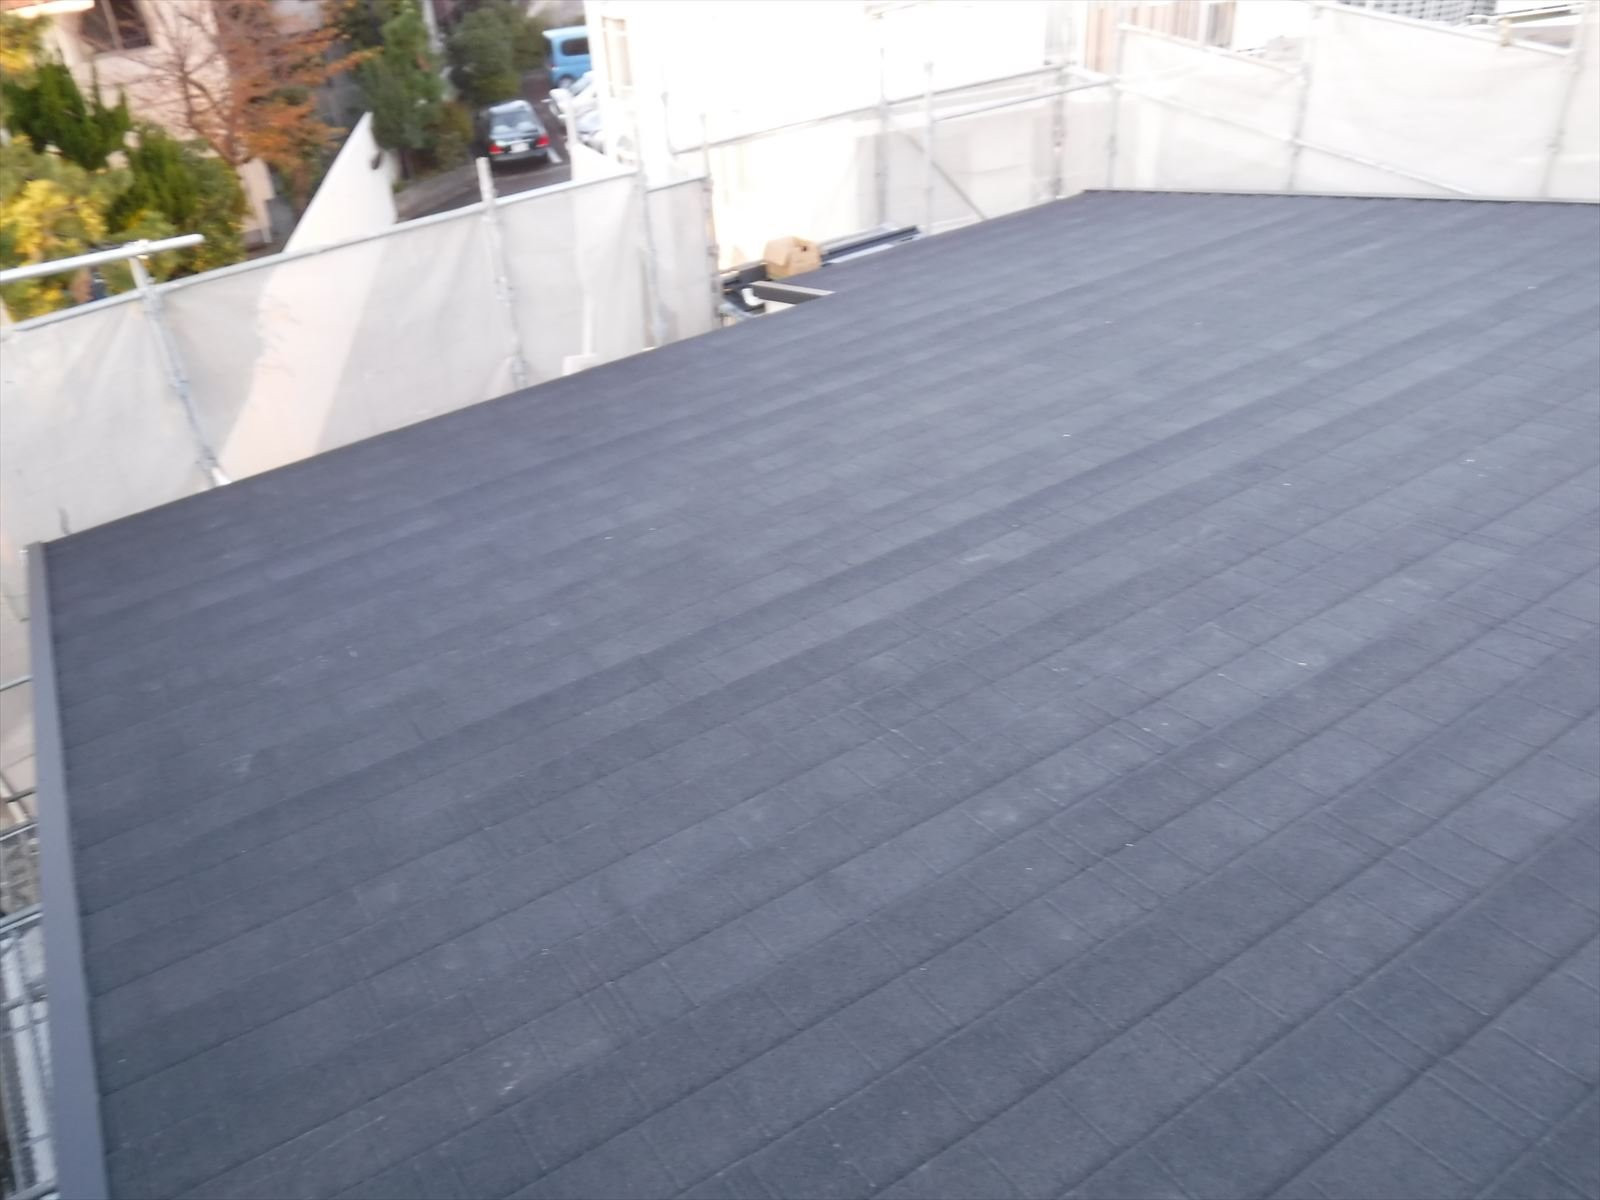 茅ヶ崎市 雨漏りによる屋根工事(カバー工法)画像10